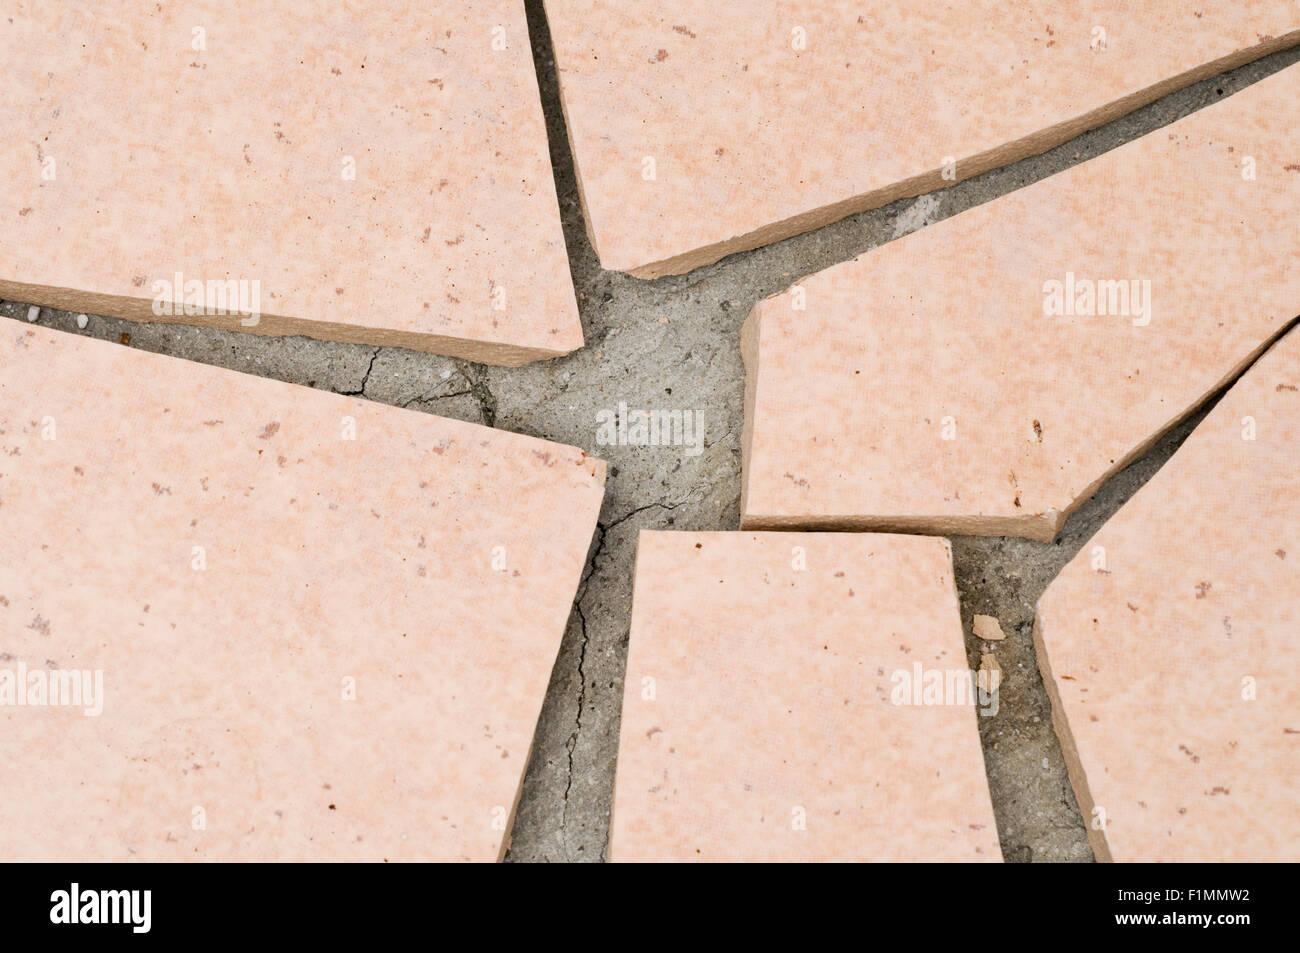 broken floor tiles - Stock Image